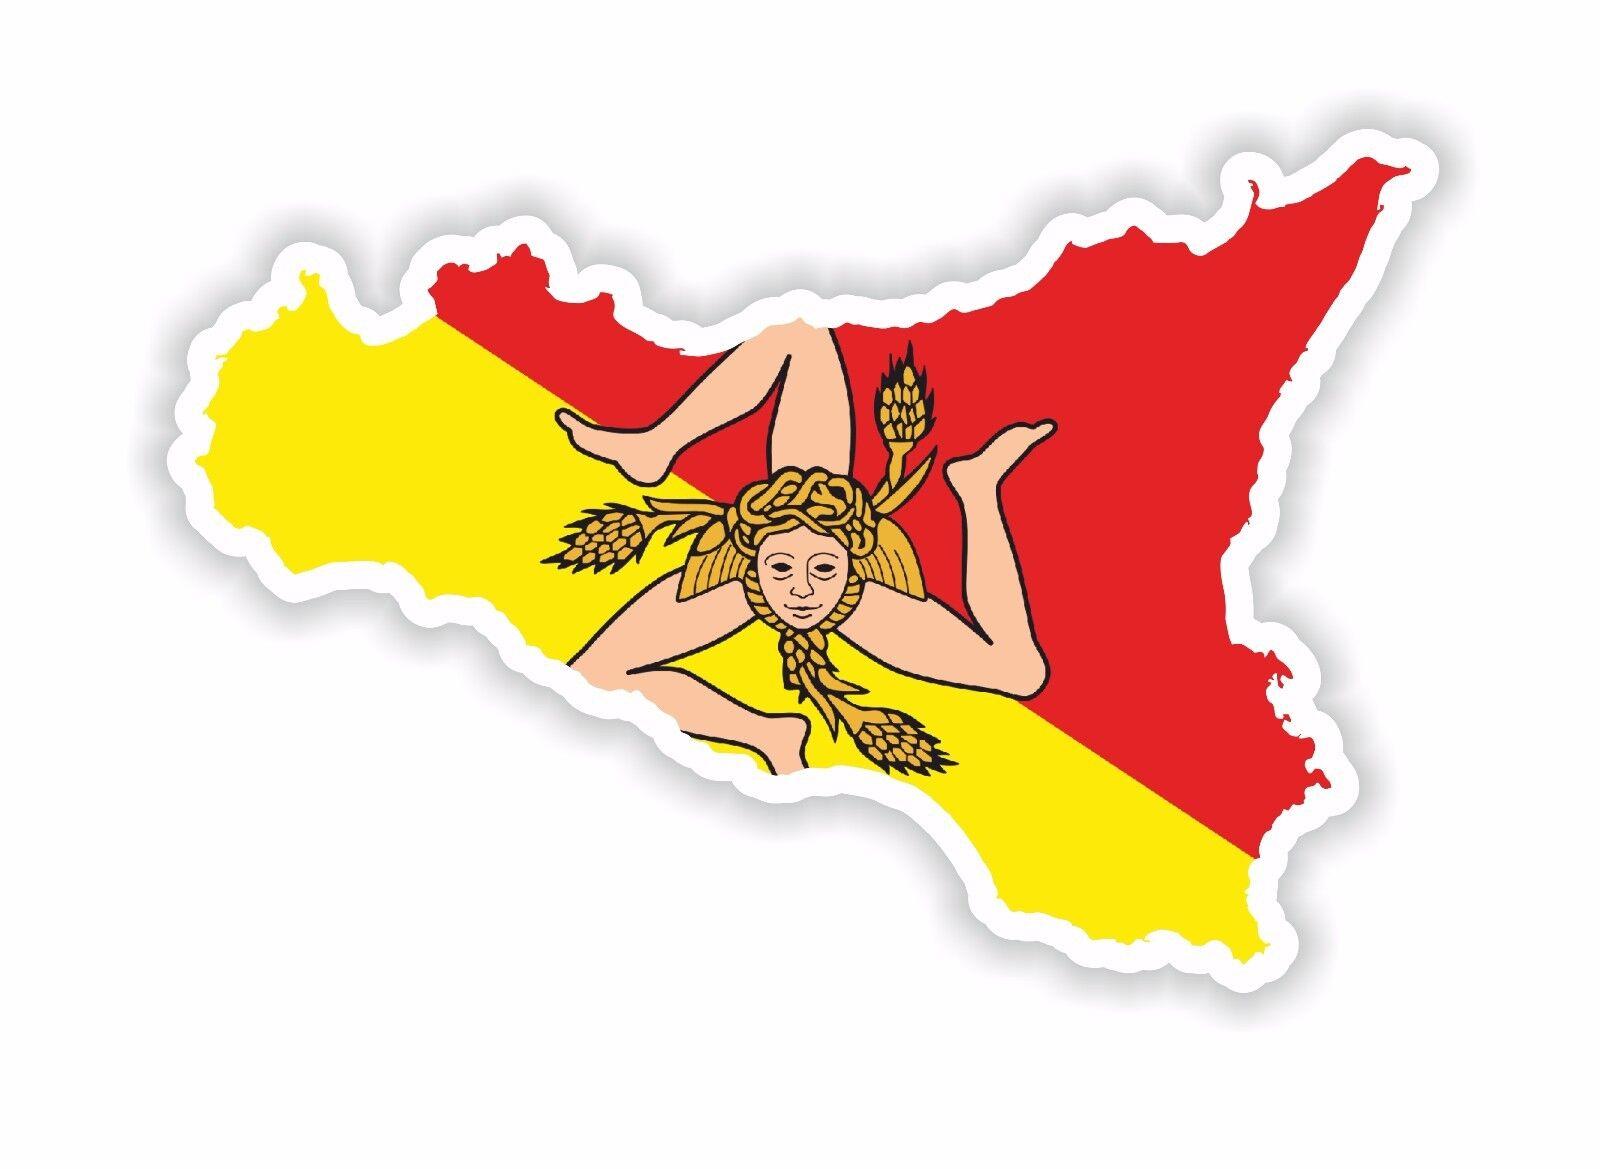 Sticker Silhouette Timor Leste Map Flag for Bumper Skateboard Locker Tablet